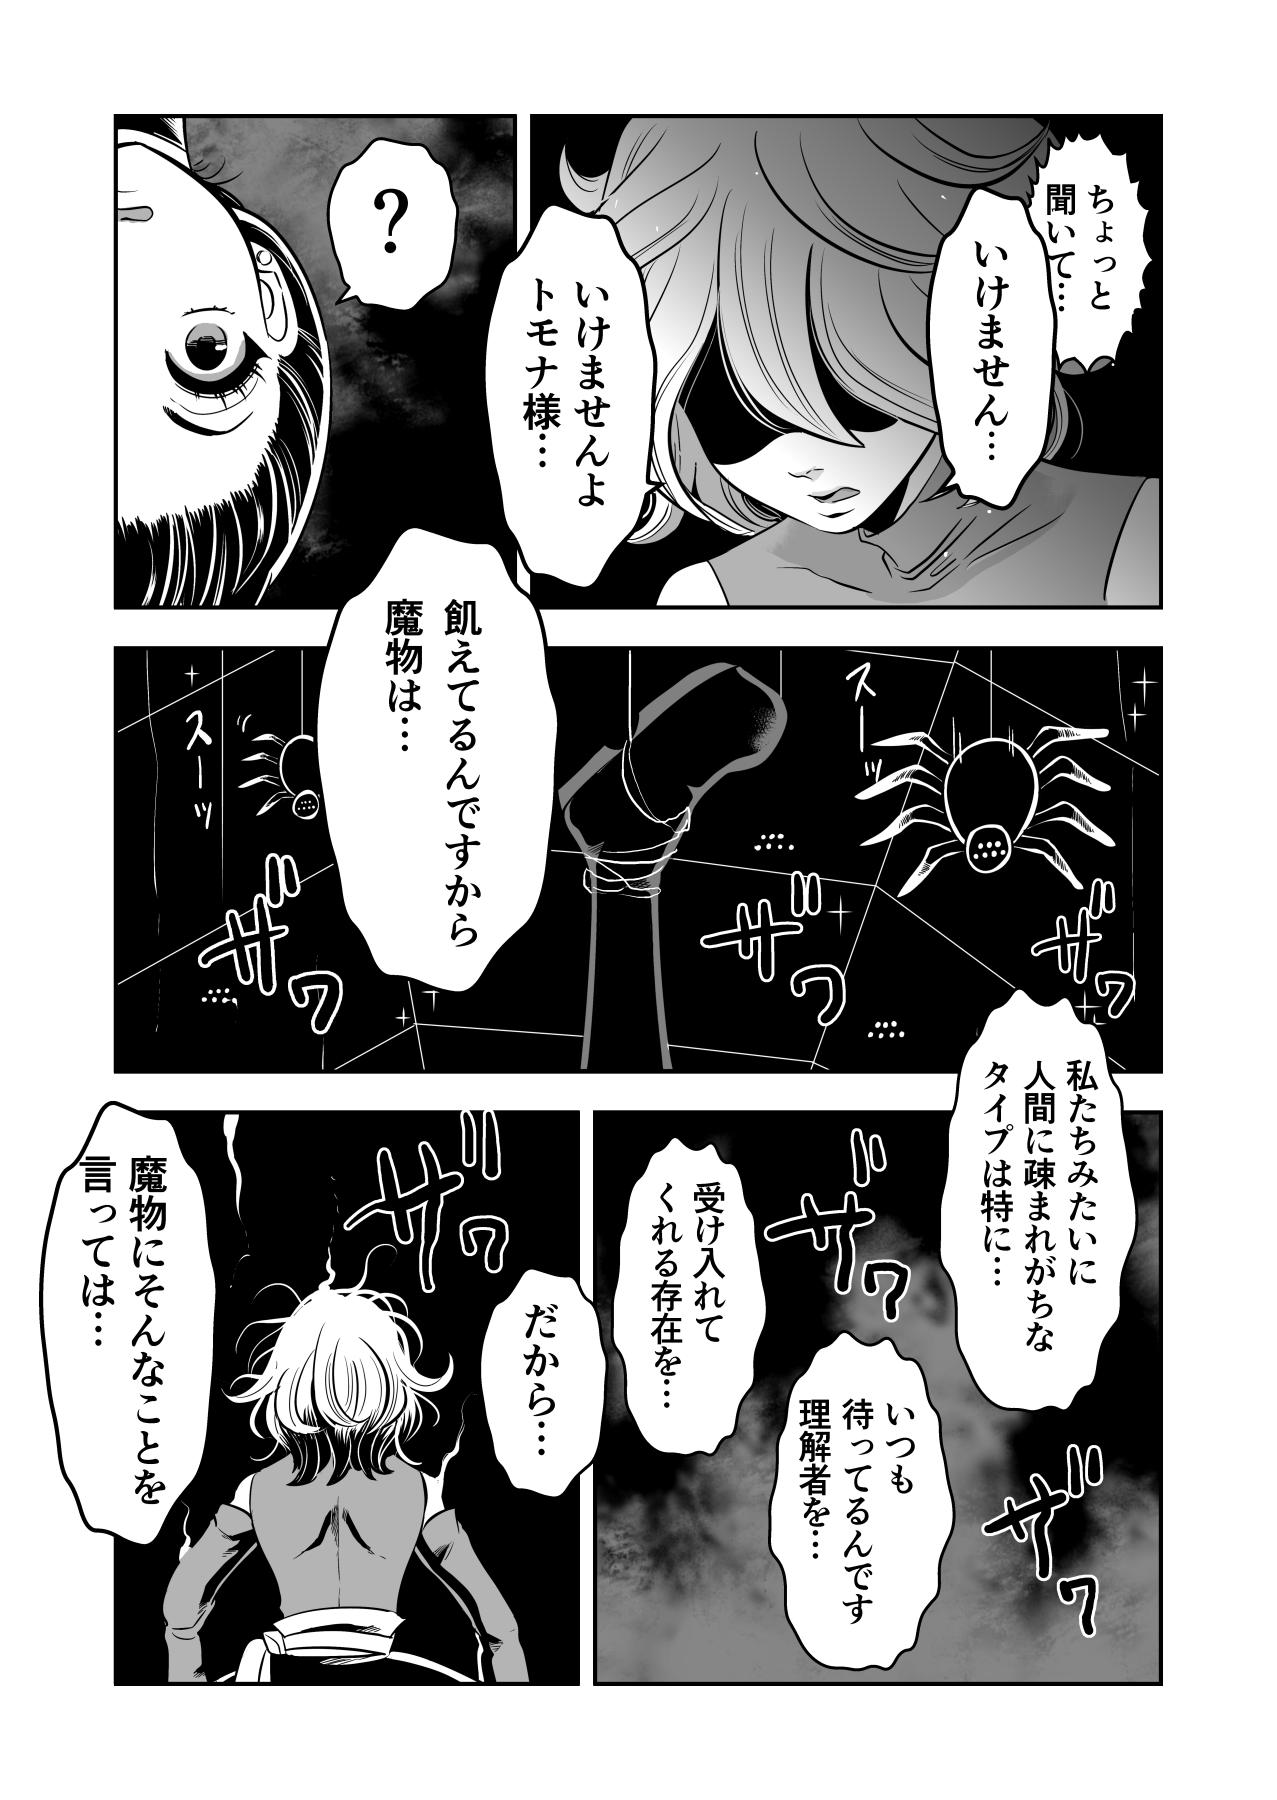 ヤサグレ魔女と第1王子と吸血鬼①0082